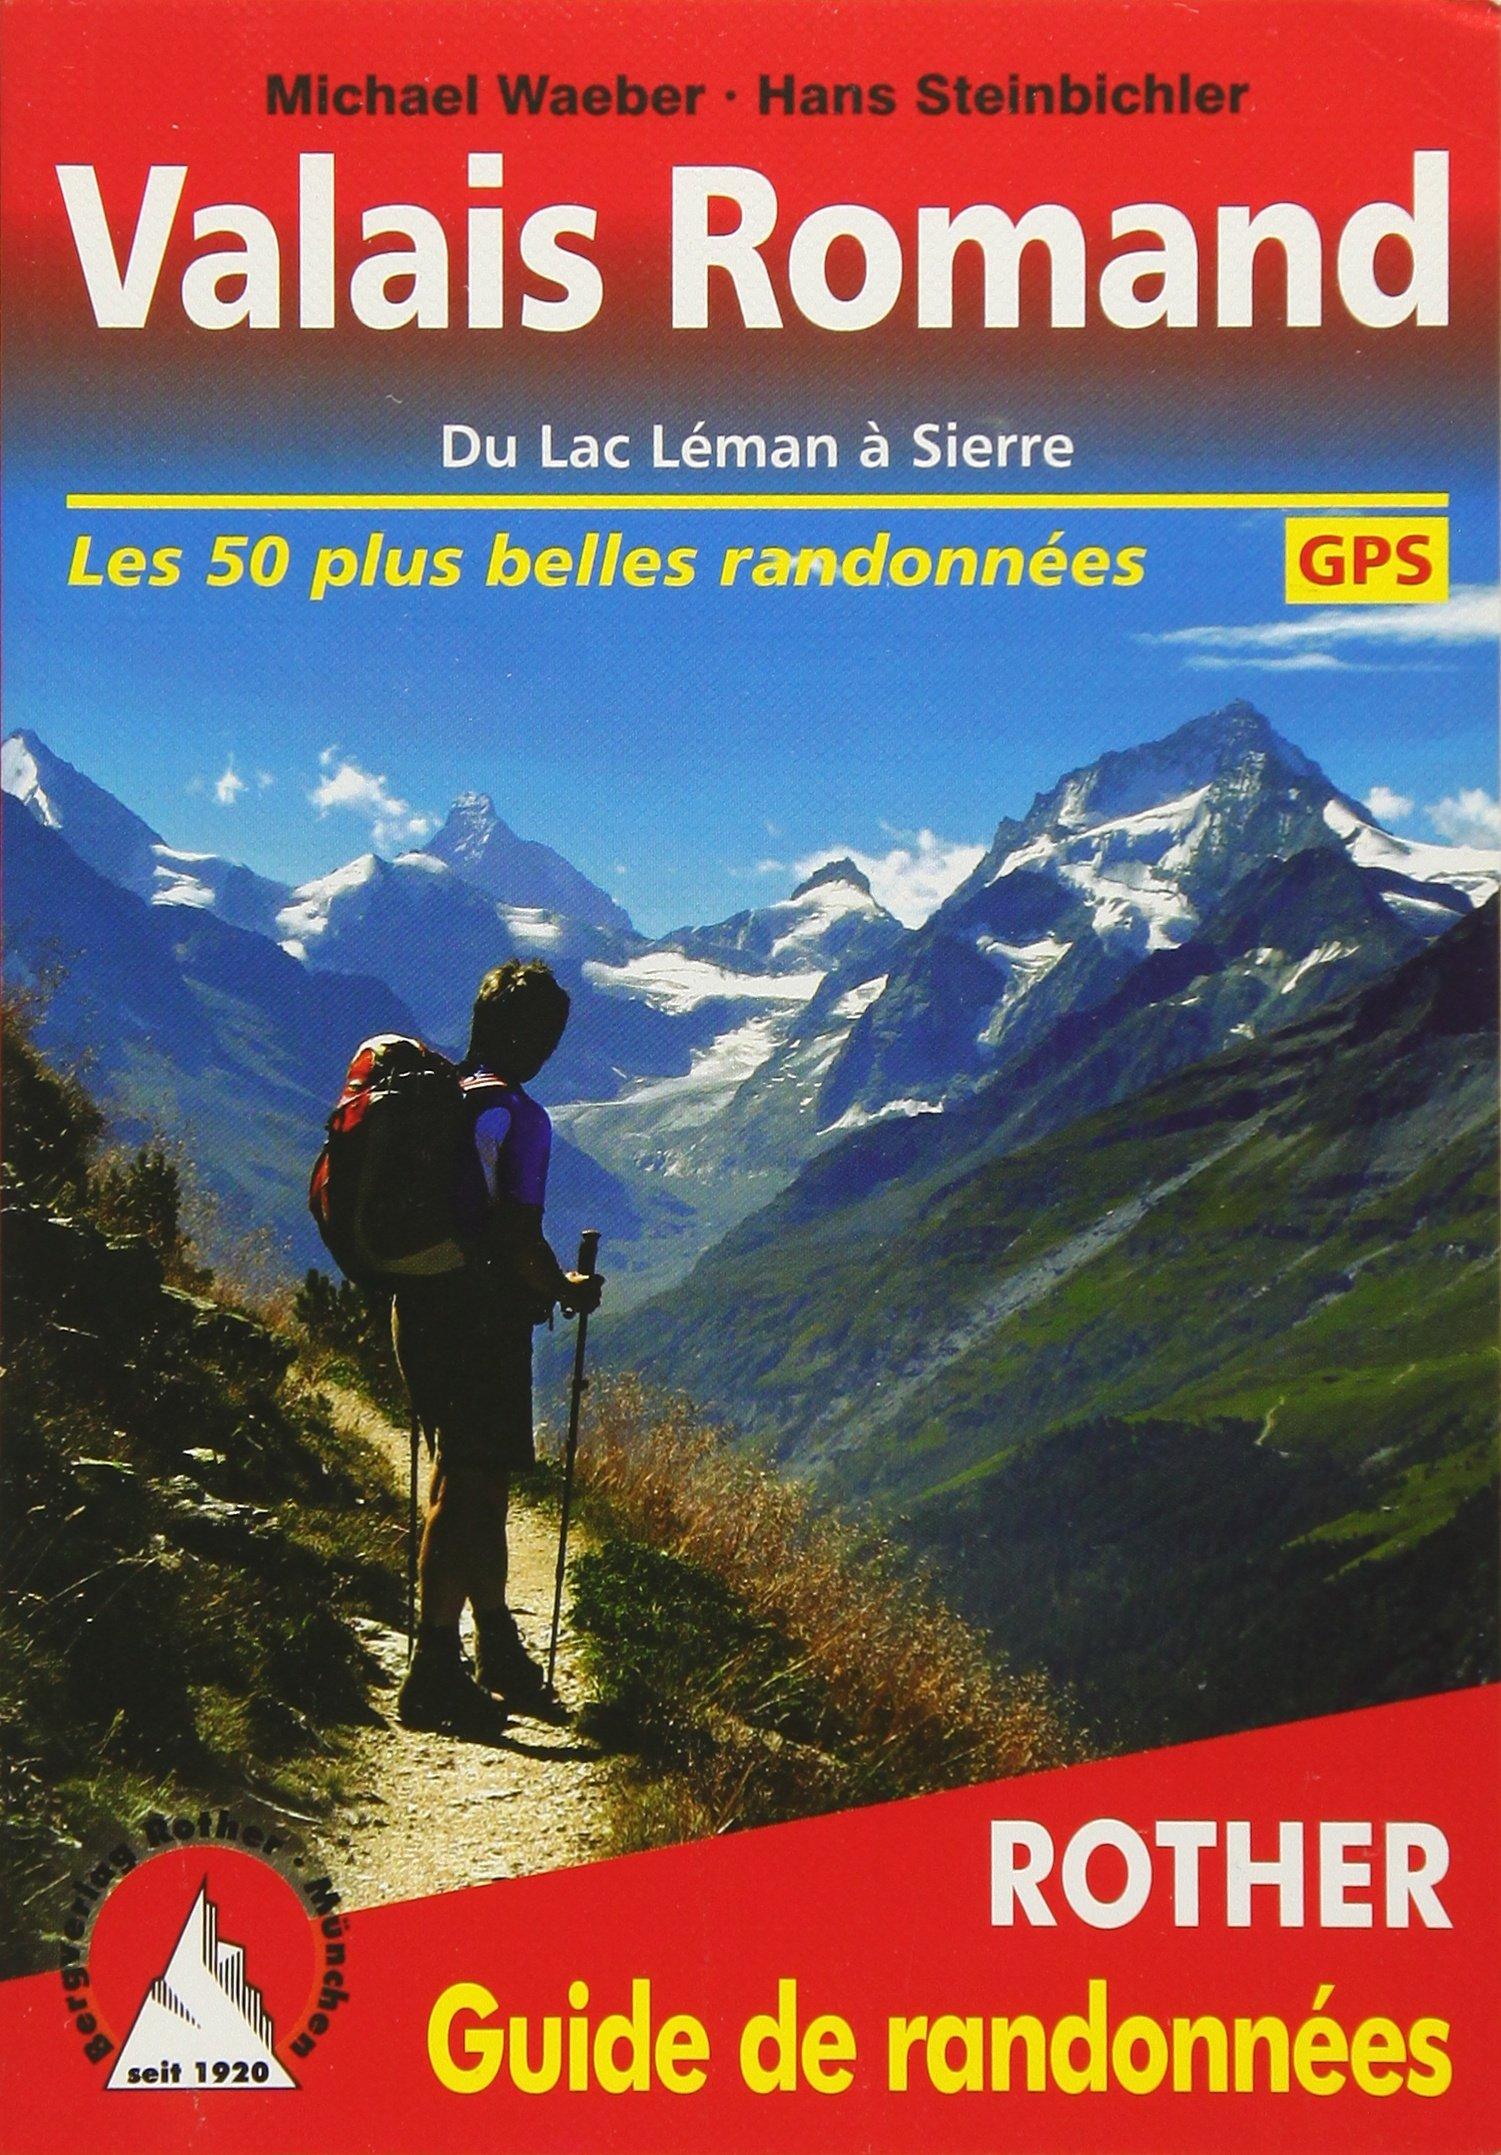 Valais Romand. Du Lac Léman à Sierre. Les 50 plus belles randonnées. Avec traces GPS (Rother Guide de randonnées)